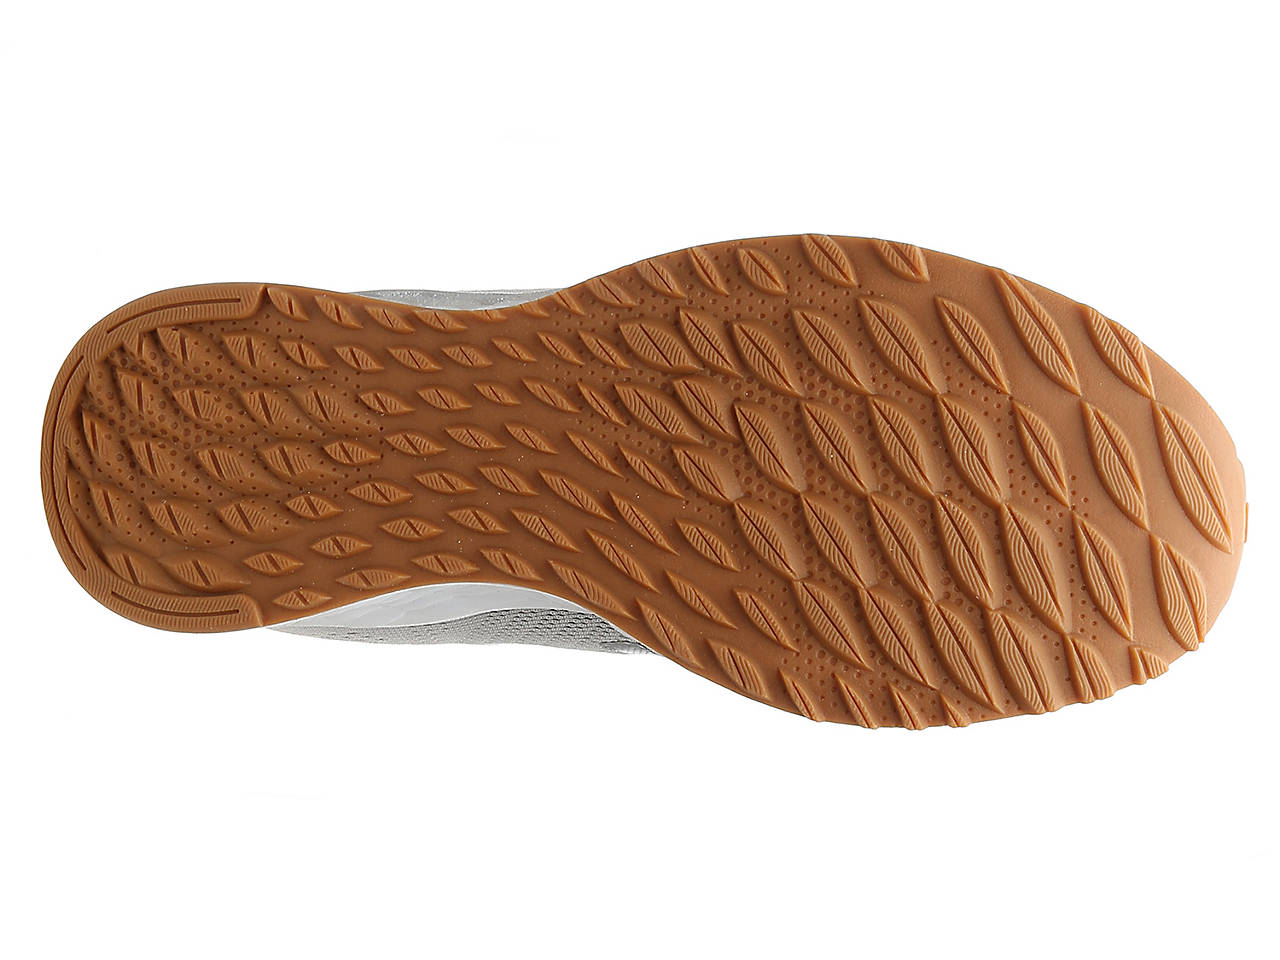 a15e89268d7a3 New Balance Fresh Foam Arishi Lightweight Running Shoe - Women s ...